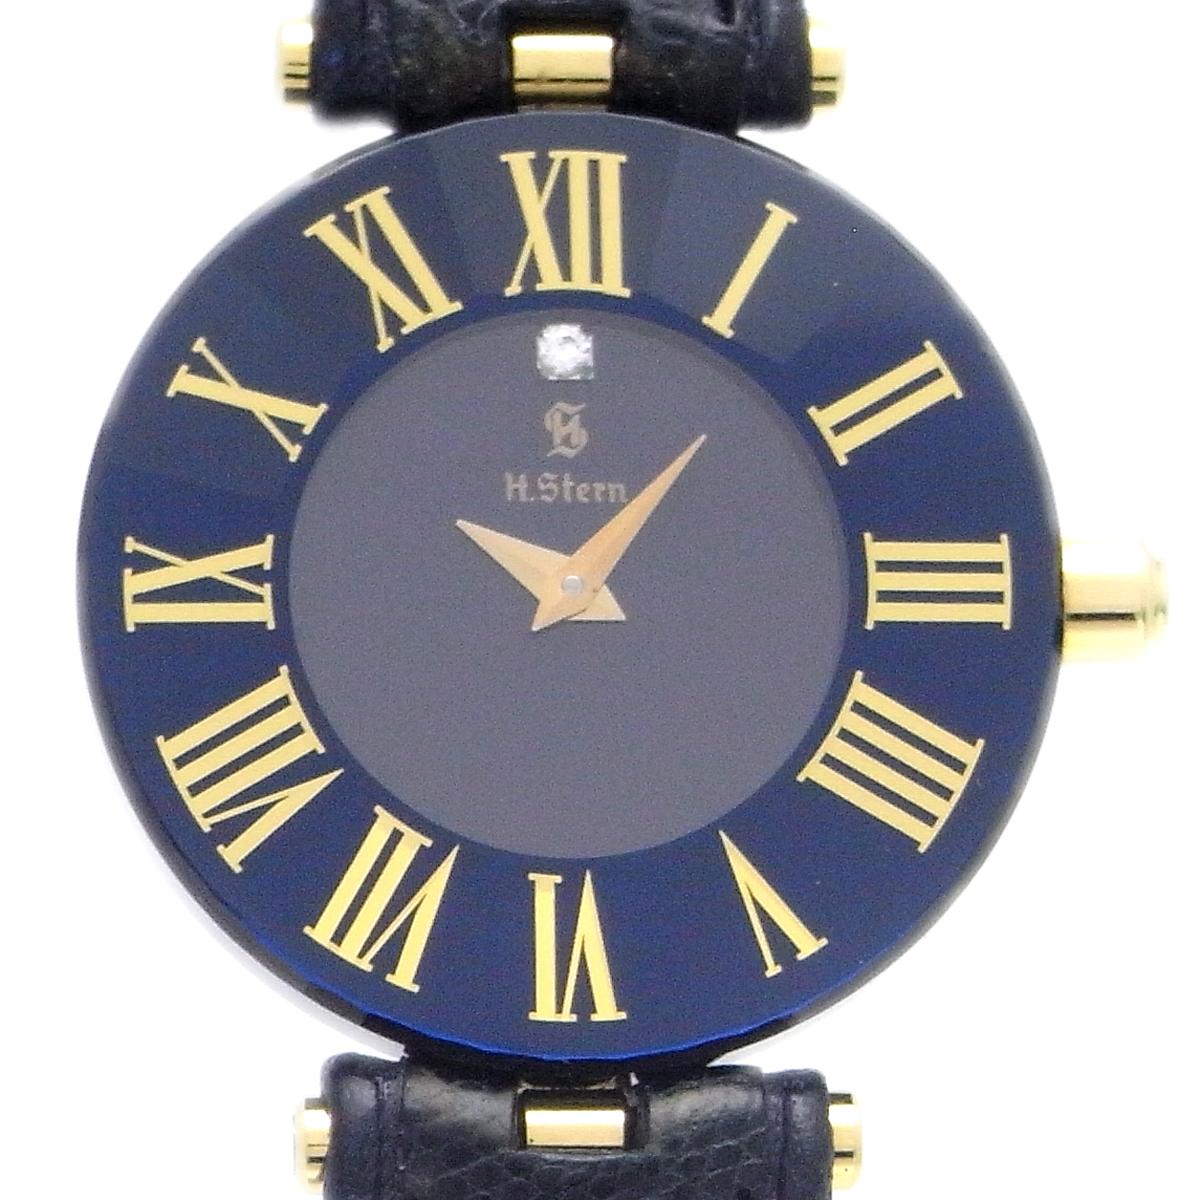 [飯能本店] H.Stern エイチ スターン 腕時計 750イエローゴールド ブラック 文字盤 レディース DH47076【大黒屋質店出品】 【中古】【送料無料】